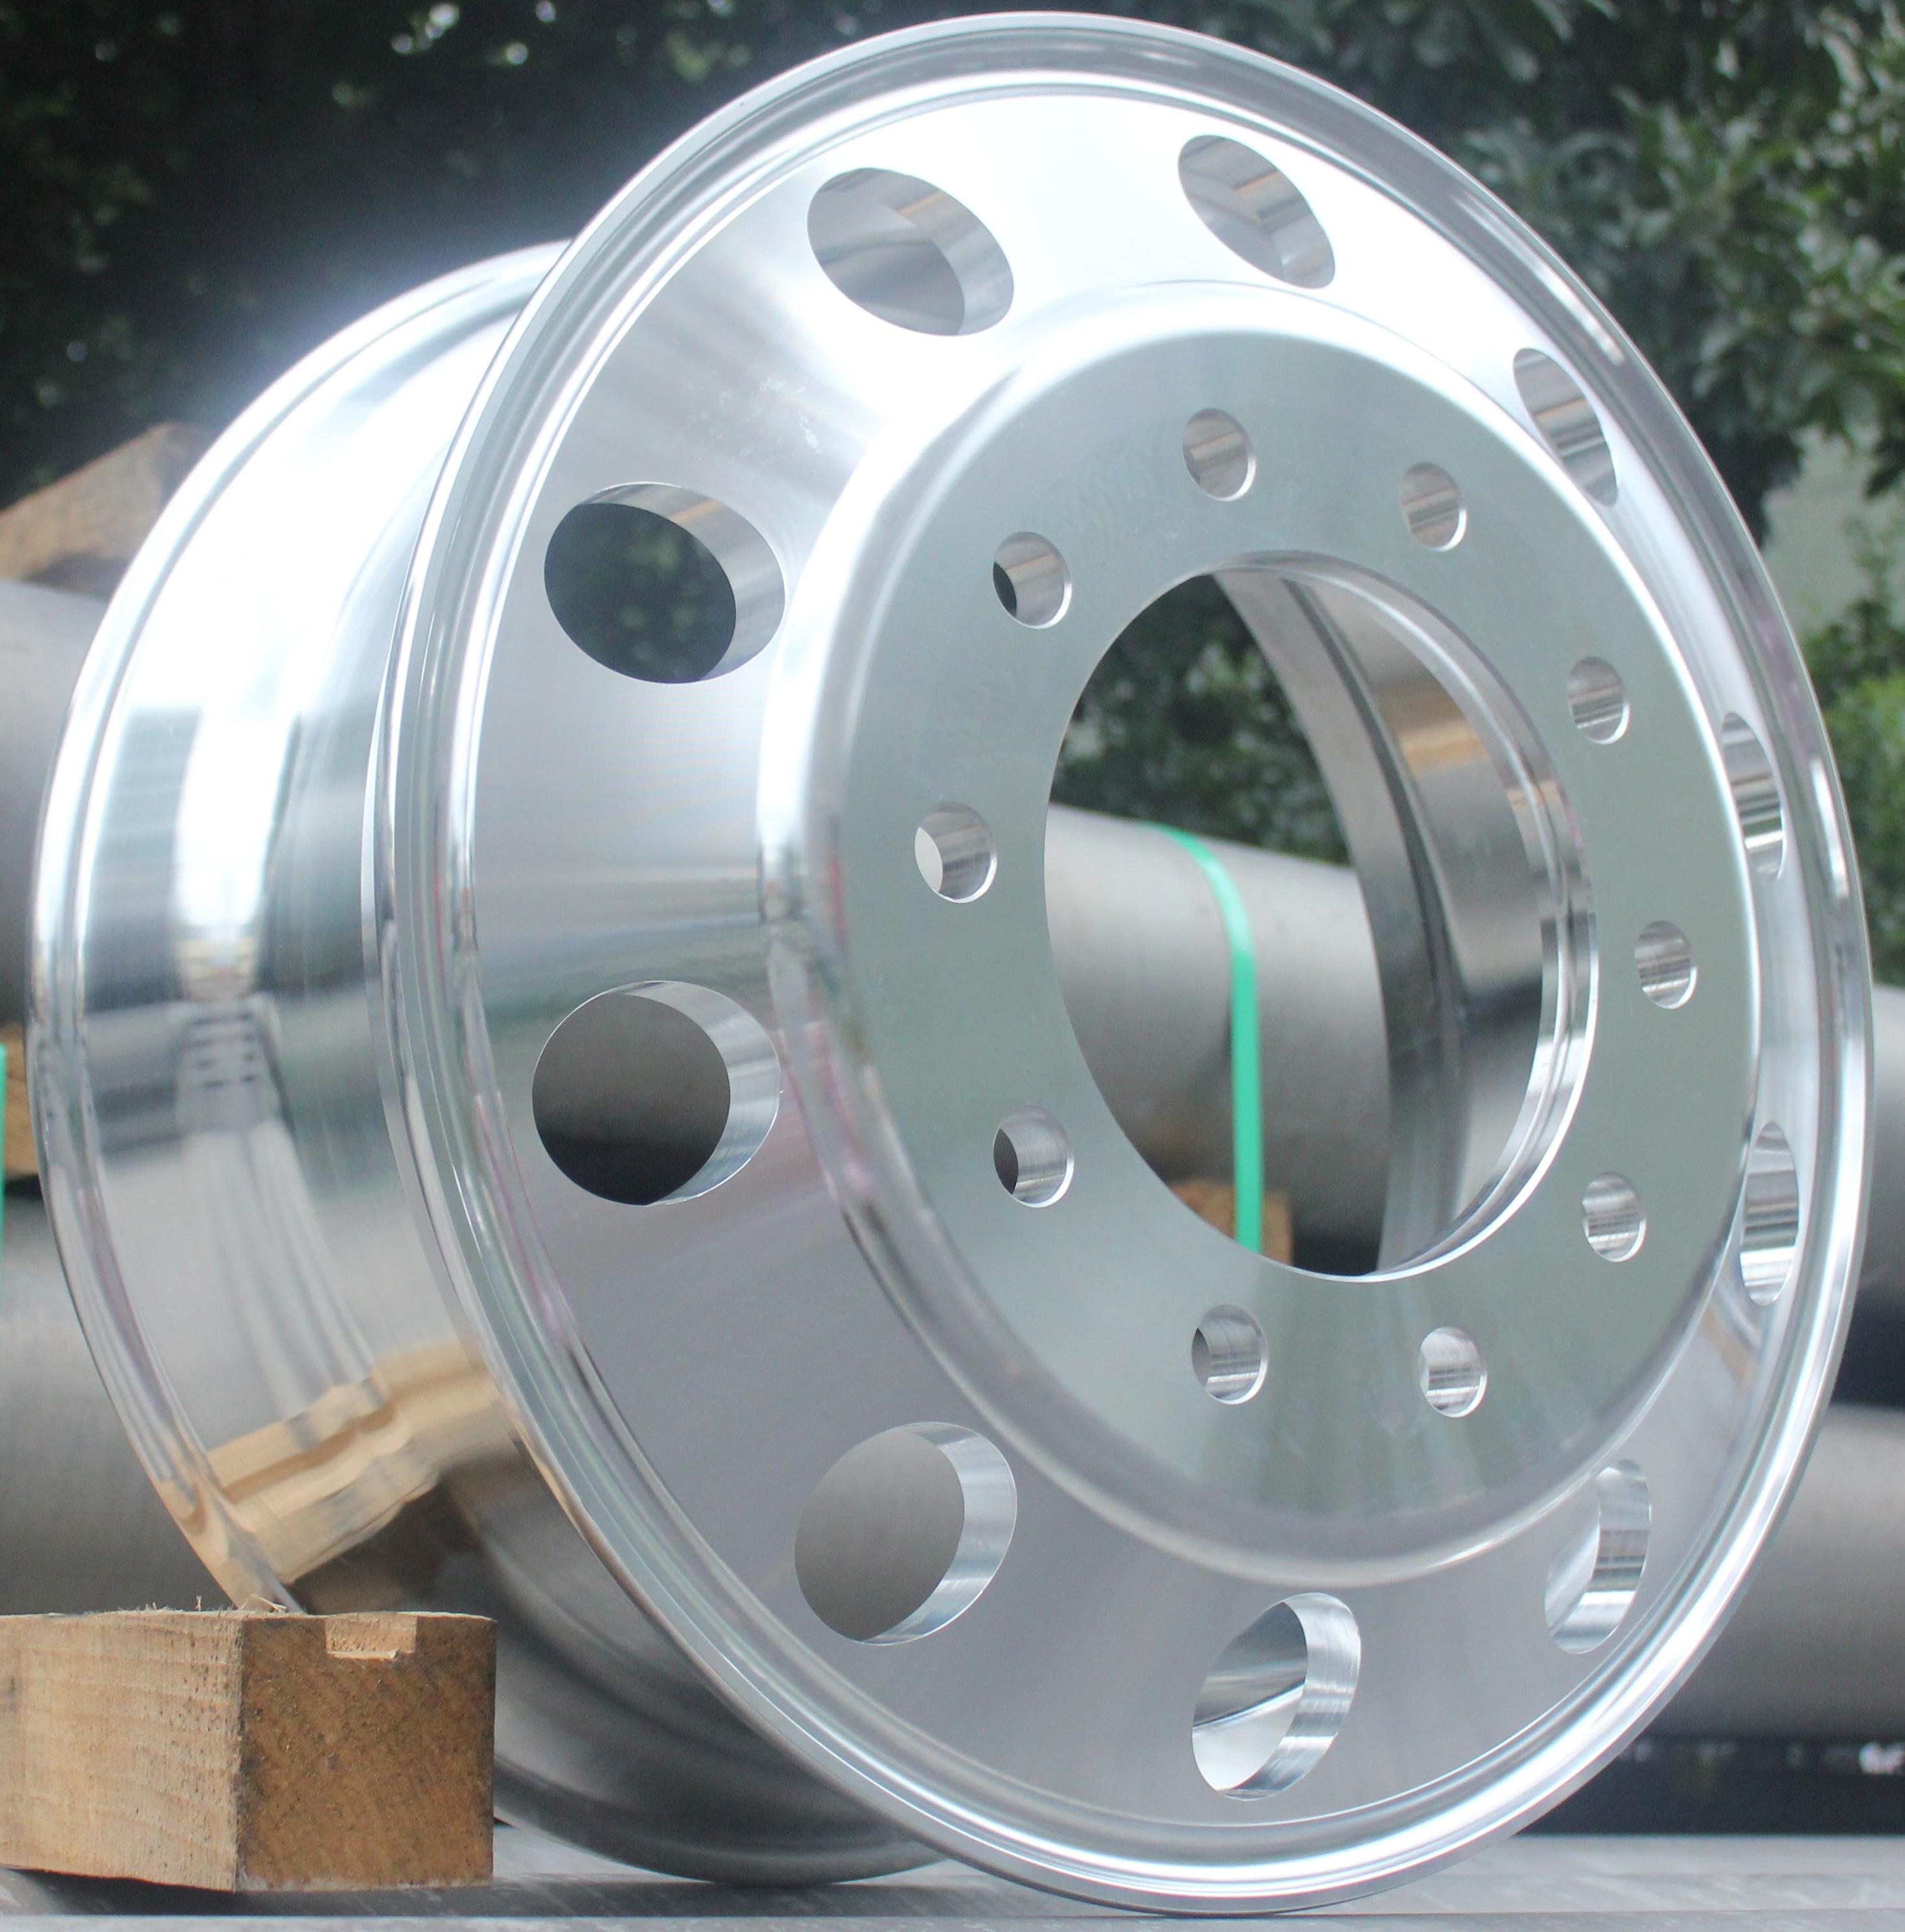 卡车9.0锻造铝合金轮毂 上海卡车9.0锻造铝合金轮毂